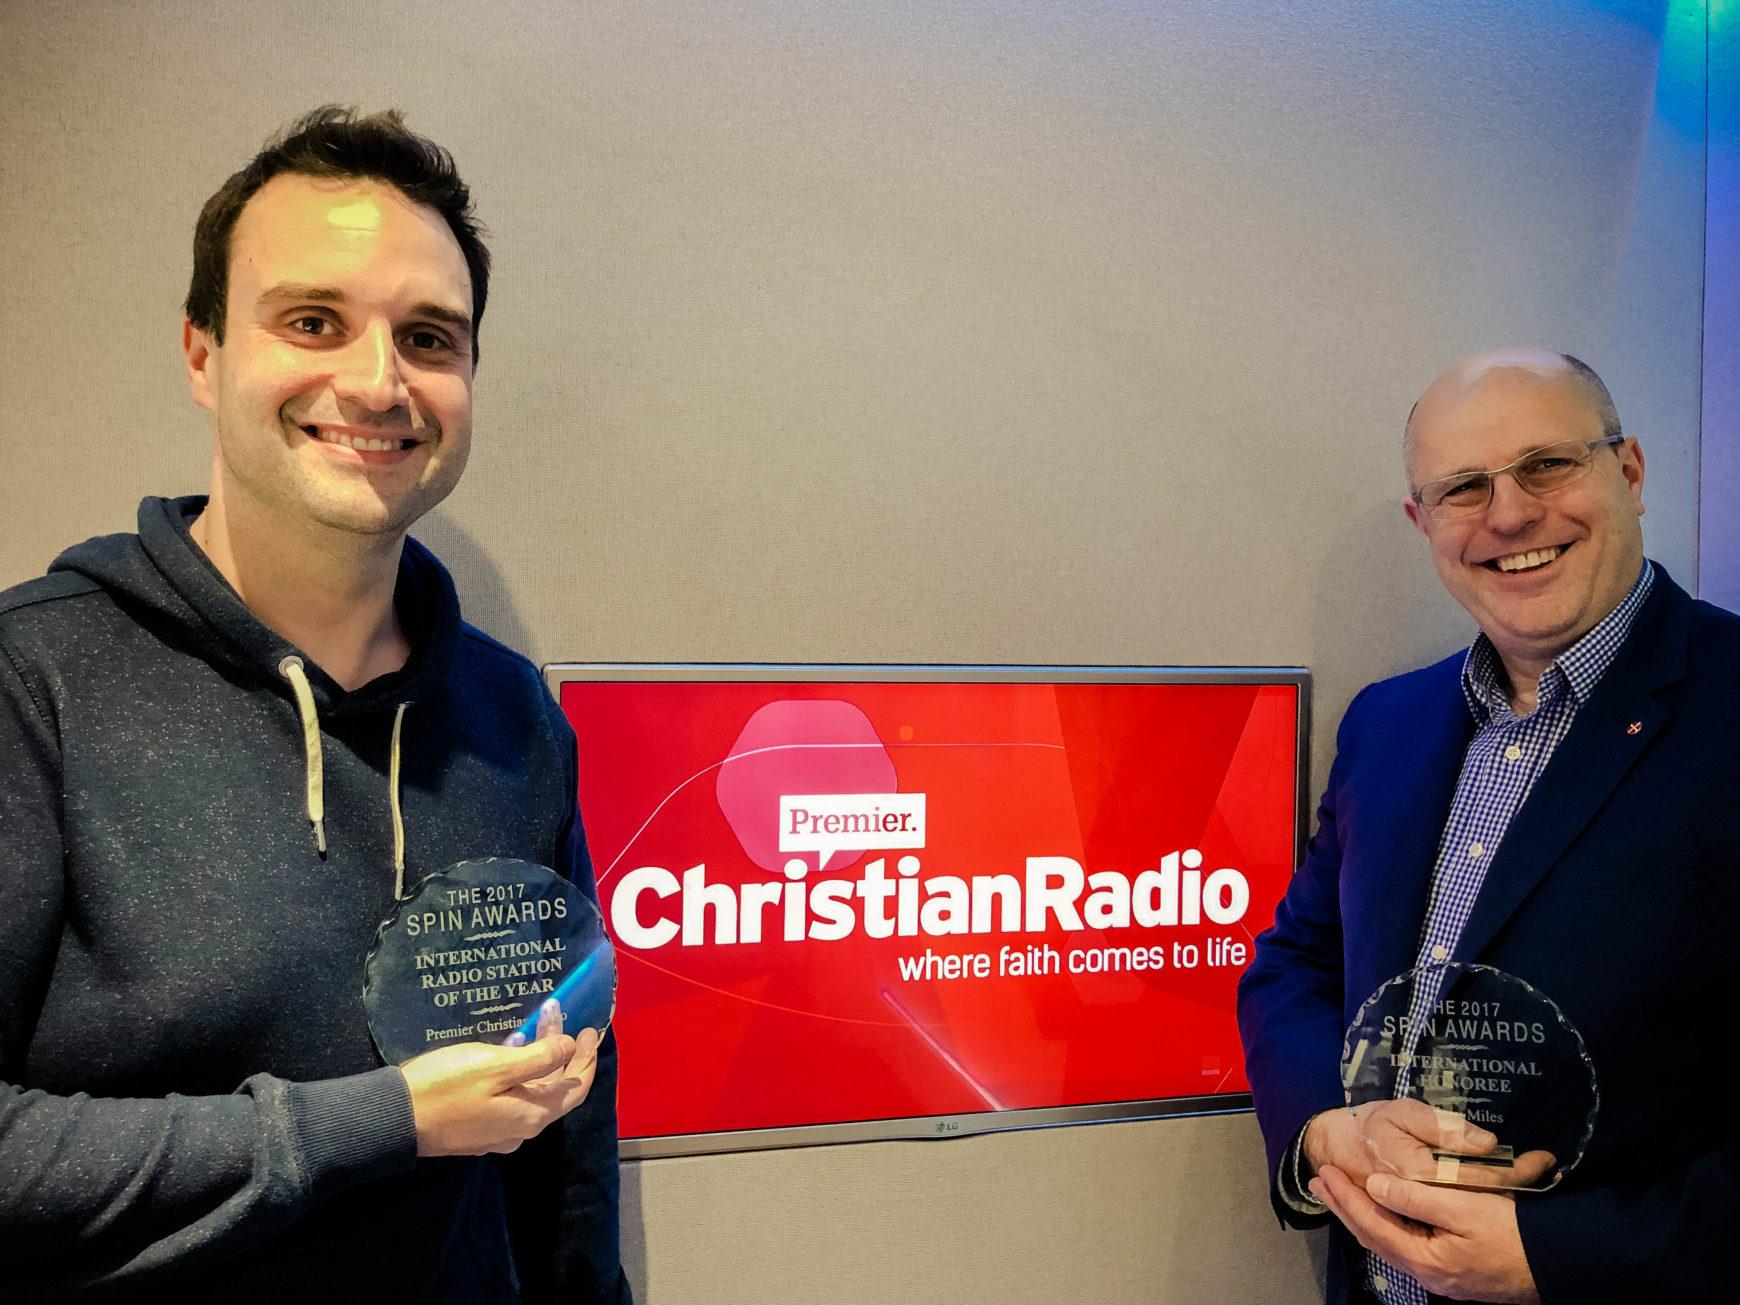 Revd Tony Miles Scoops International Award